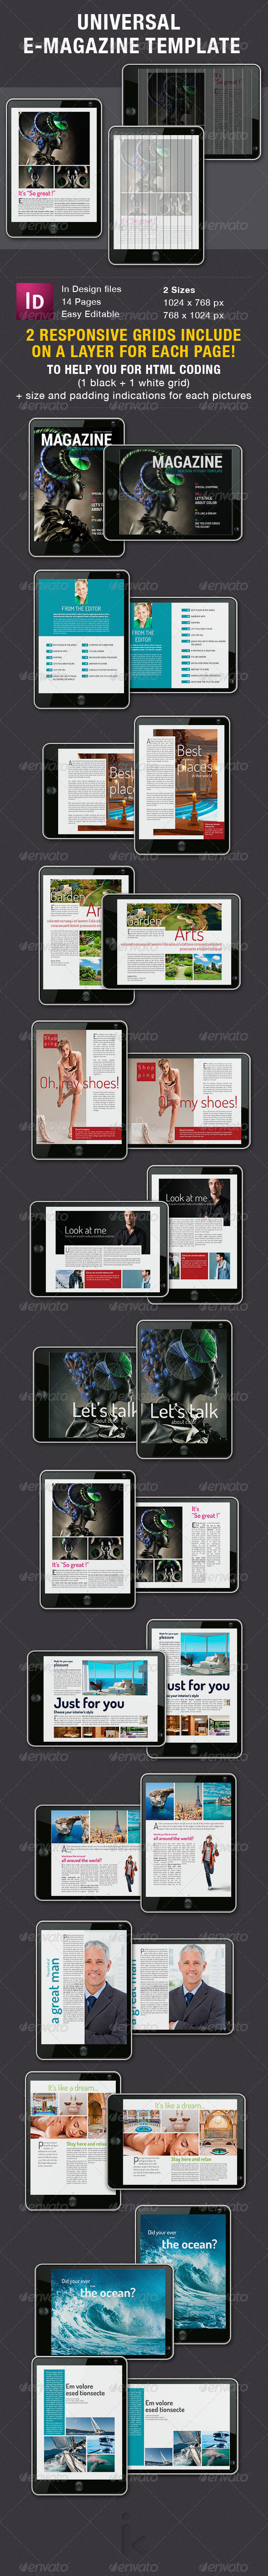 GraphicRiver Universal E-Magazine Template 6531176